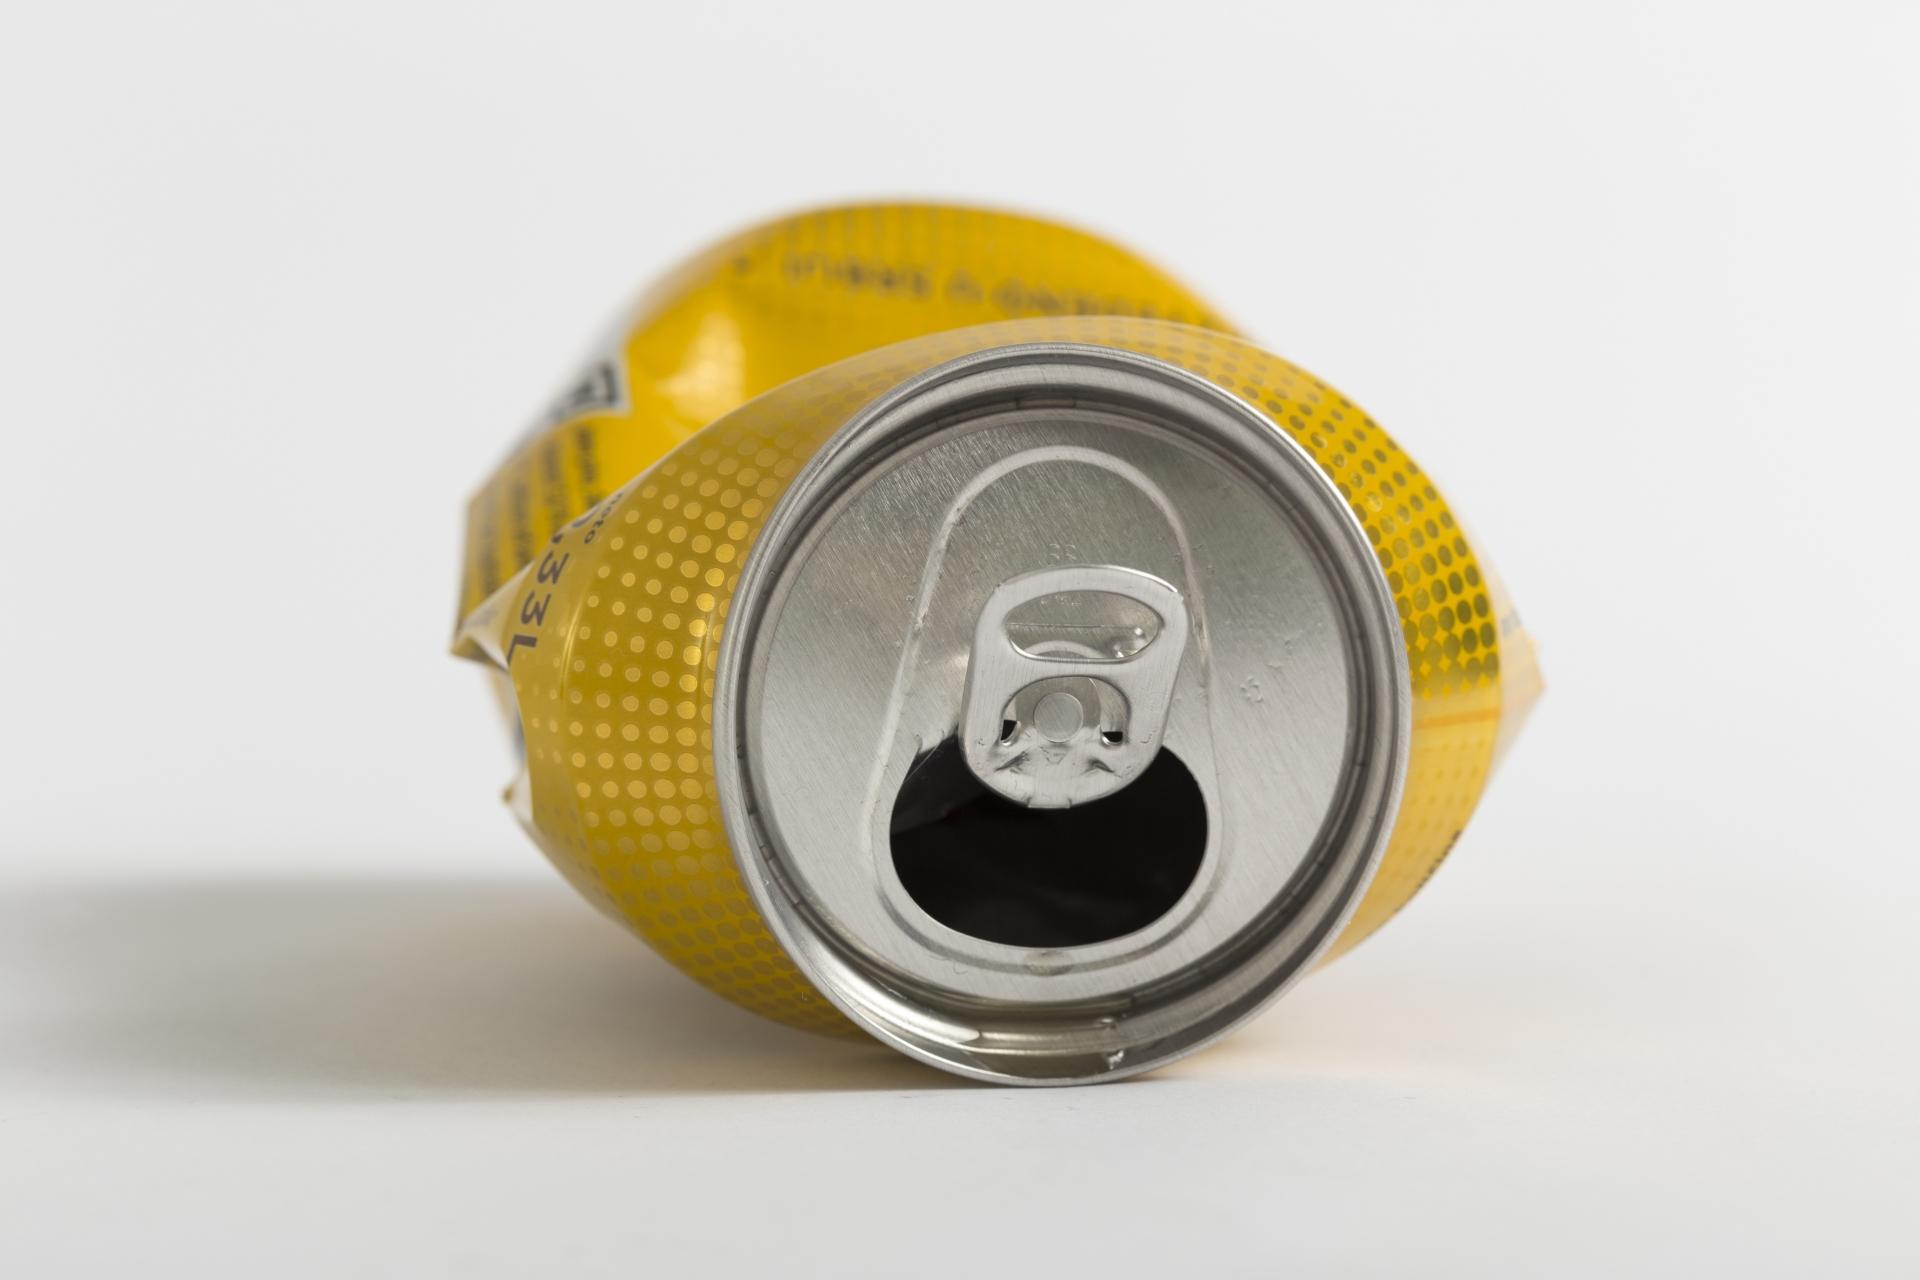 空き缶を灰皿代わりにした時は捨て方に注意をしましょう